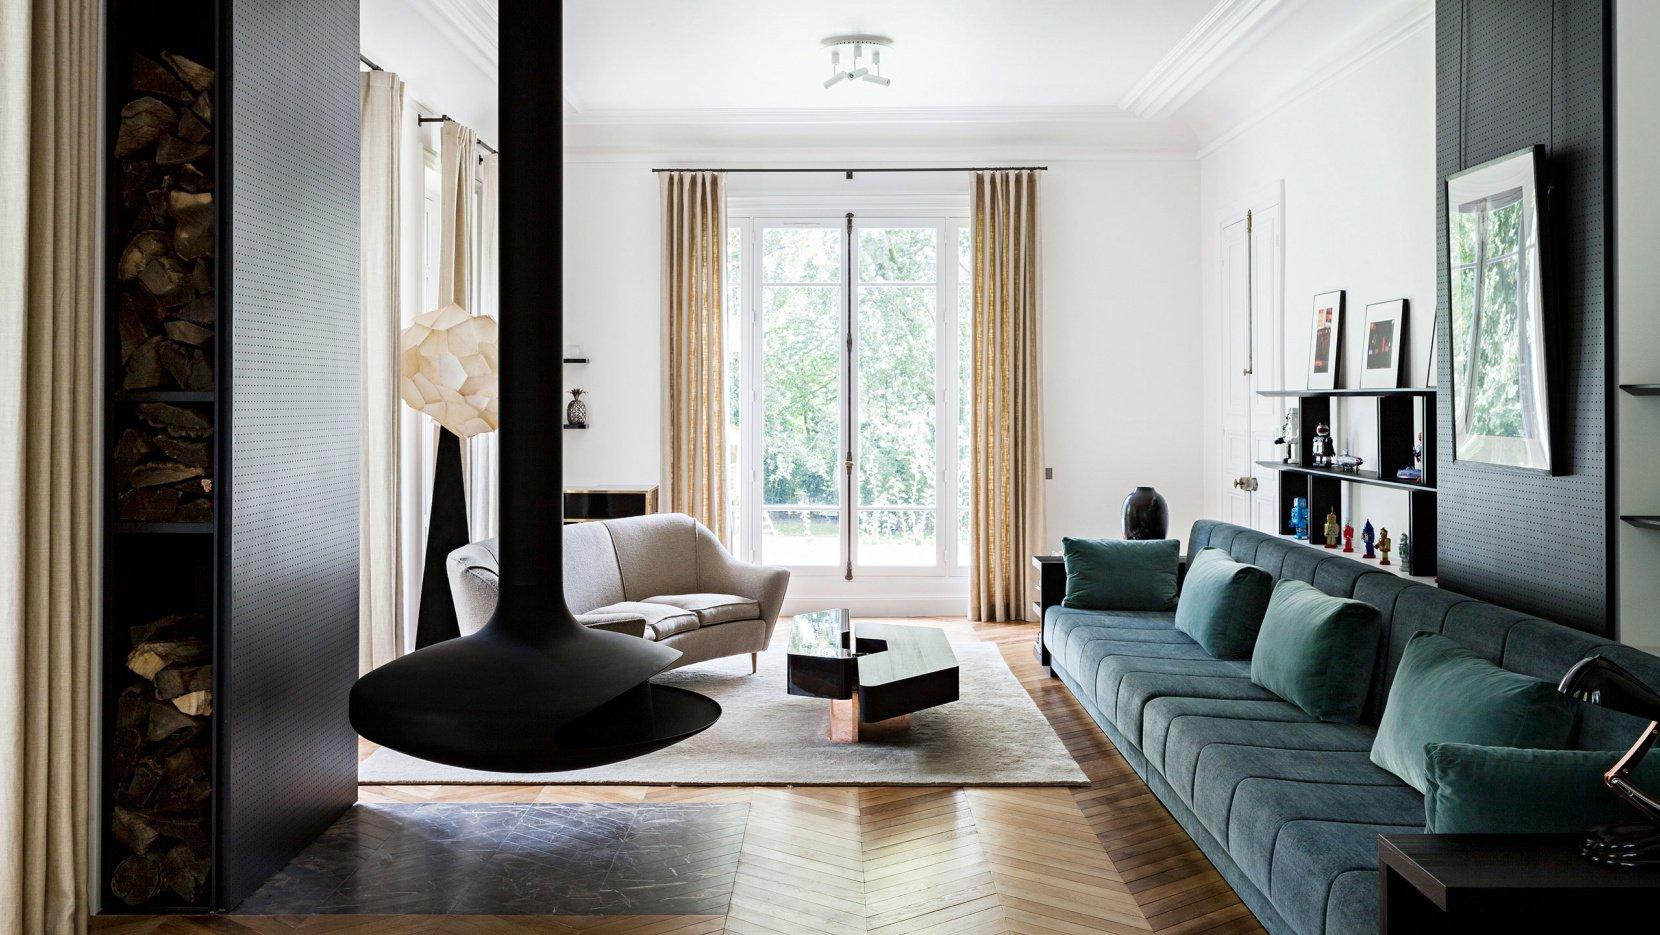 Gorgeous Paris renovation strikes balance between elegant and modern